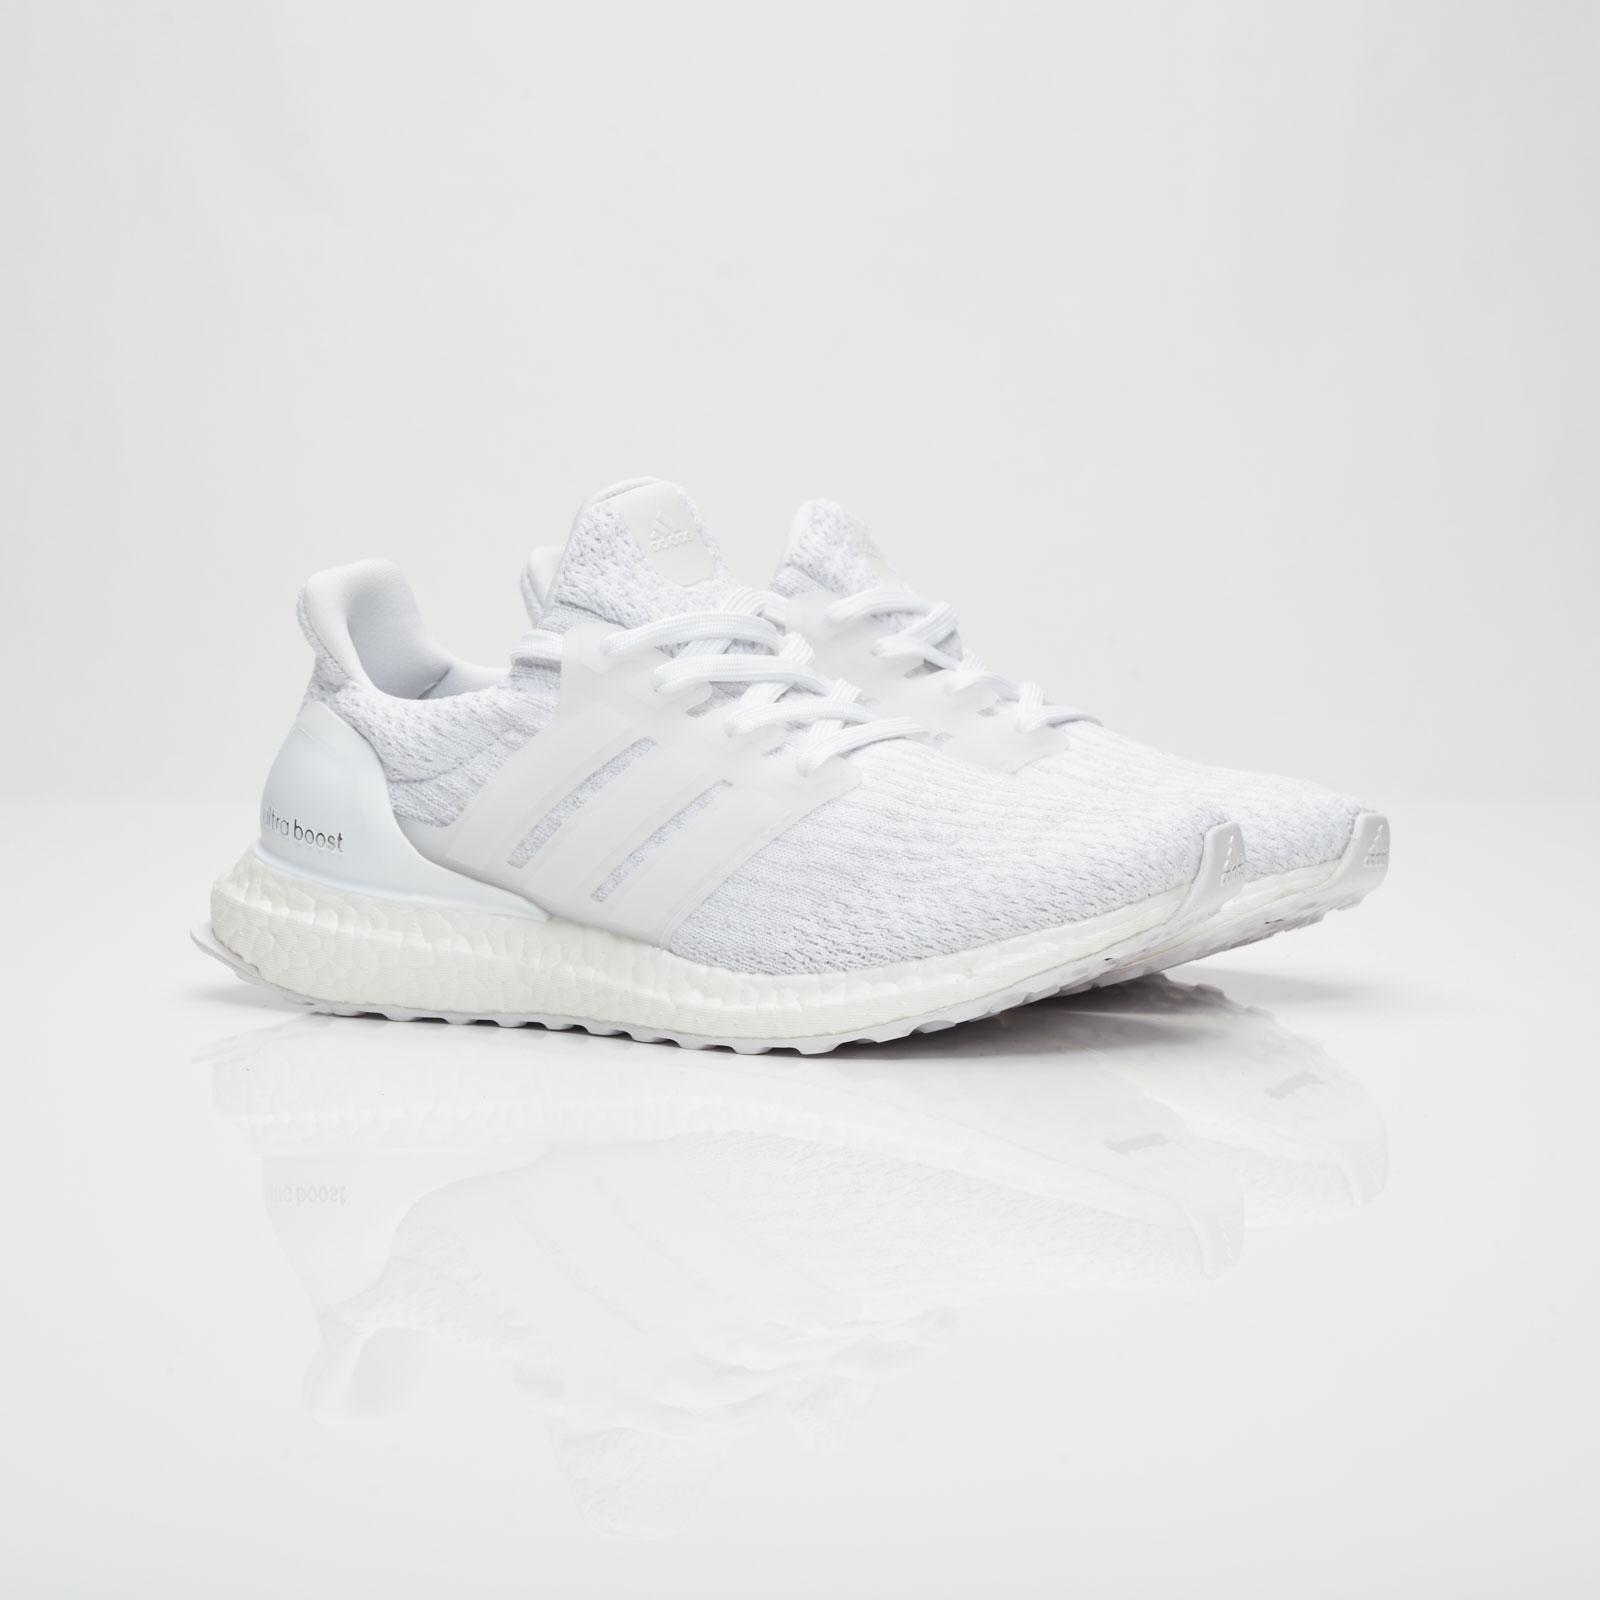 82505250215a81 adidas UltraBOOST W - Ba7686 - Sneakersnstuff